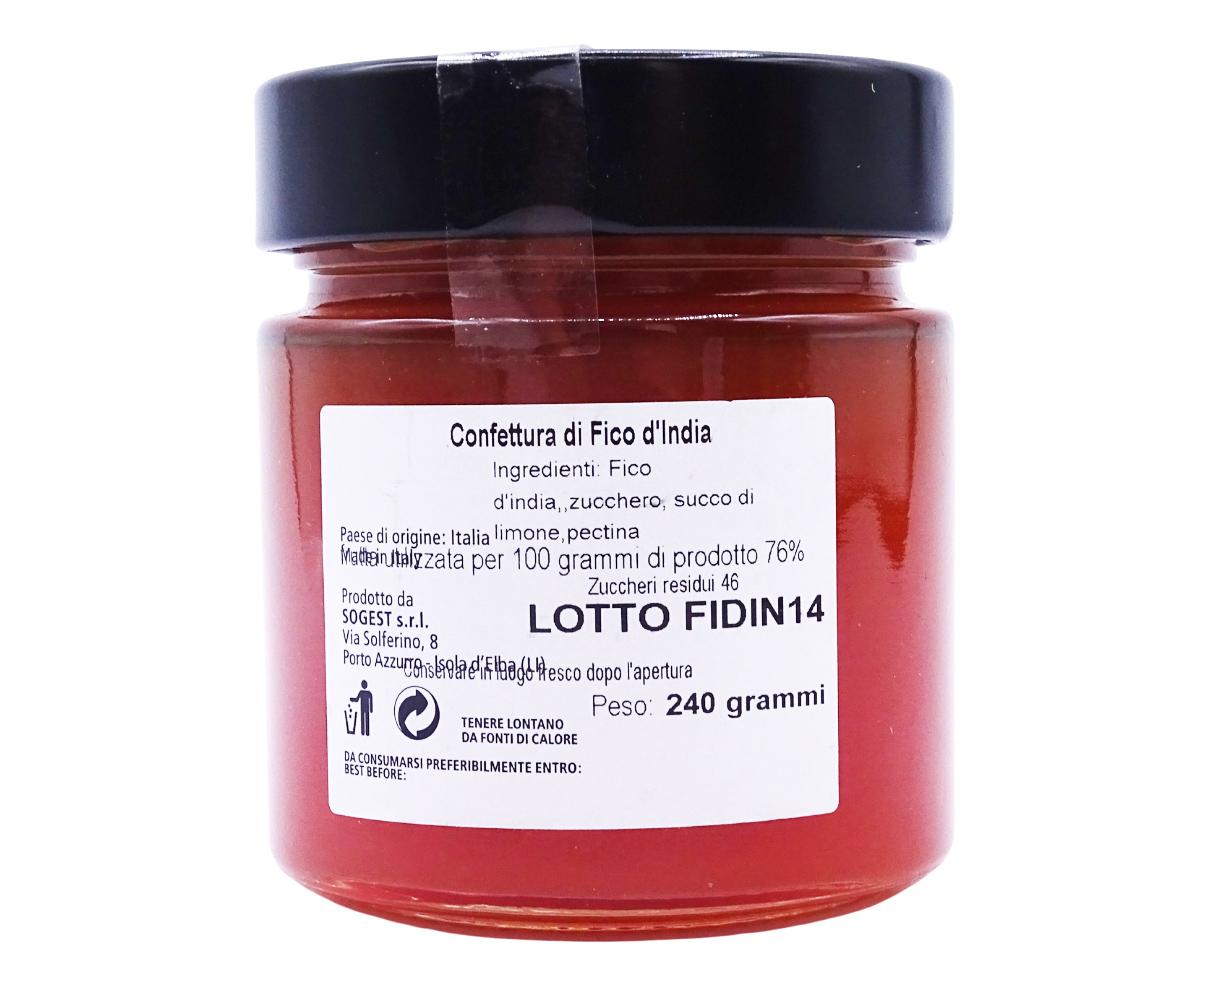 Confettura di fichi d'india Armando in Porto Azzurro 240gr